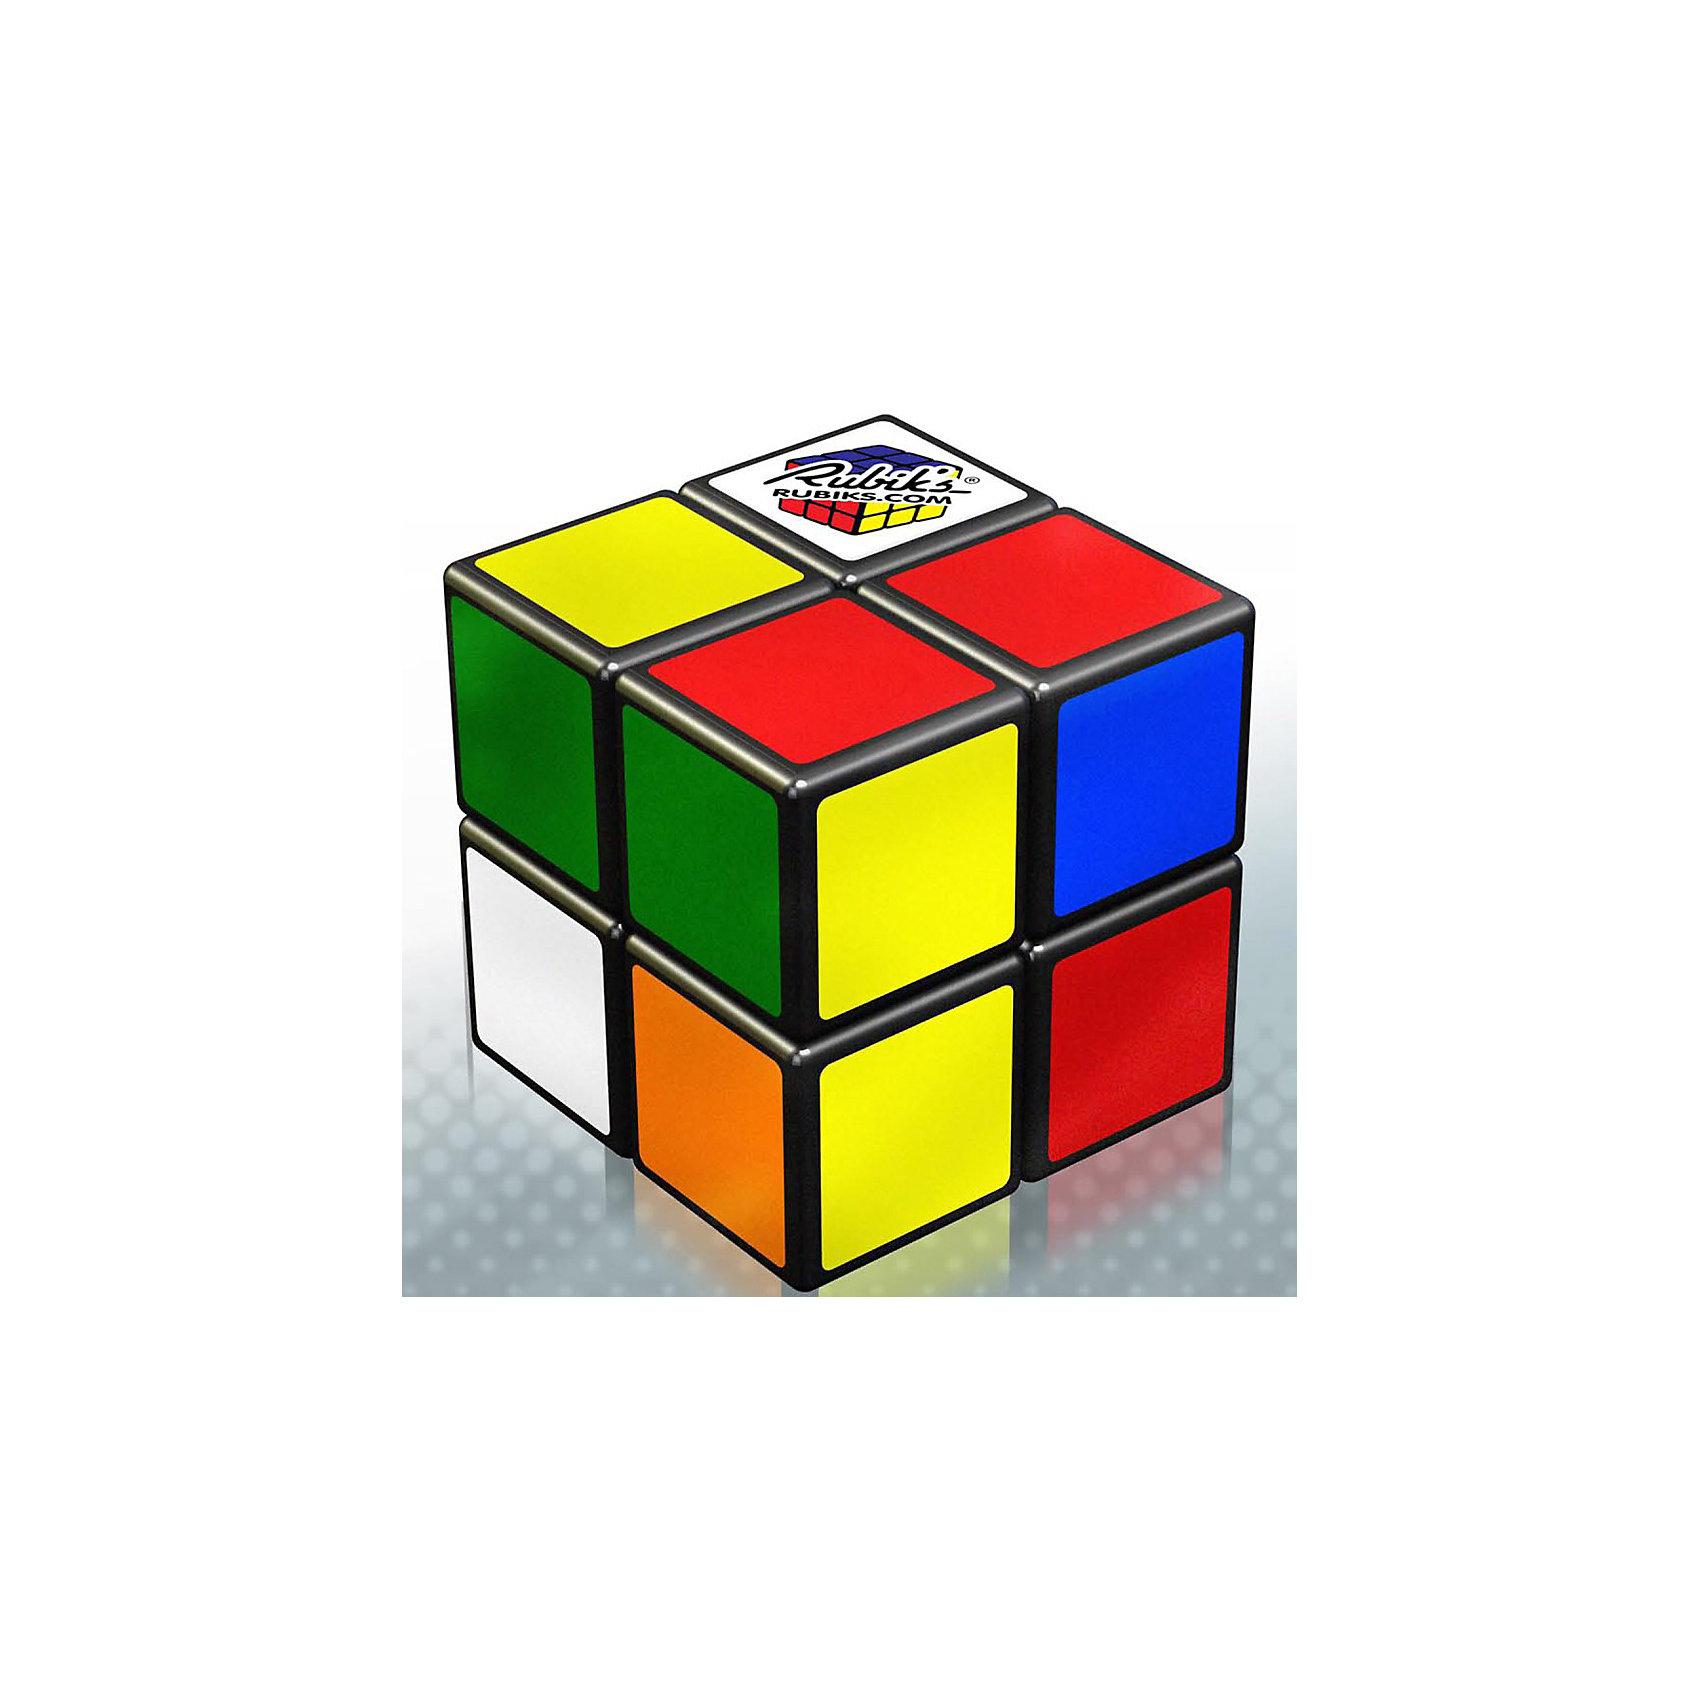 Головоломка Кубик Рубика 2х2, Rubiks3D пазлы<br>Rubiks Кубик Рубика 2х2 (сторона 46 мм) – это передовые технологии производства и дизайна, которые нашли отражение как в конструкции головоломки, так и в современной бумажной ЭКО-упаковке.<br><br>Особенности головоломки:<br><br>- Новый размер стороны – 46мм (на 15% больше предыдущей версии).<br>- Улучшенный механизм вращения, обеспечивающий плавное и мягкое вращение.<br>- Теперь без наклеек –  на всех сторонах кубика используются цветные пластиковые вставки, что обеспечивает долговечность кубика, отличный внешний вид и 100% защиту от любителей собрать головоломку с помощью переклеивания наклеек!<br><br>Дополнительная информация:<br><br>- Материал: пластик.<br>- Размеры упаковки, д х ш х в: 50 х 130 х 150 мм.<br>- Вес: 160 гр.<br><br>Ширина мм: 50<br>Глубина мм: 130<br>Высота мм: 150<br>Вес г: 160<br>Возраст от месяцев: 84<br>Возраст до месяцев: 1188<br>Пол: Унисекс<br>Возраст: Детский<br>SKU: 2556262